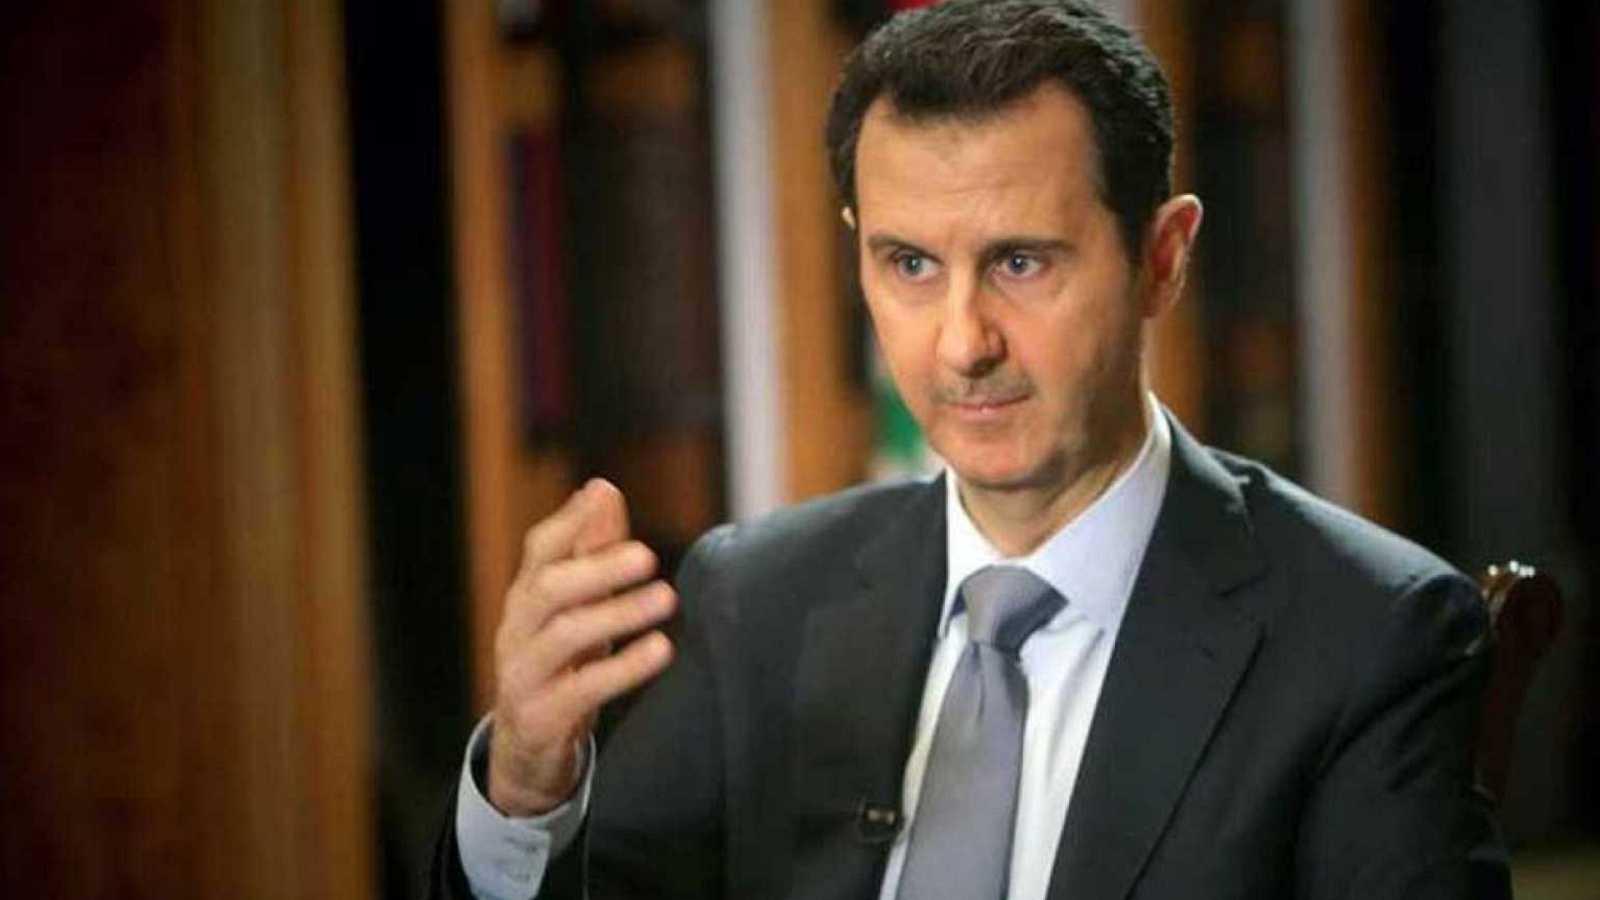 Boletines RNE - Un informe  de la OPAQ señala que Al Asad podría haber utilizado armas químicas - Escuchar ahora